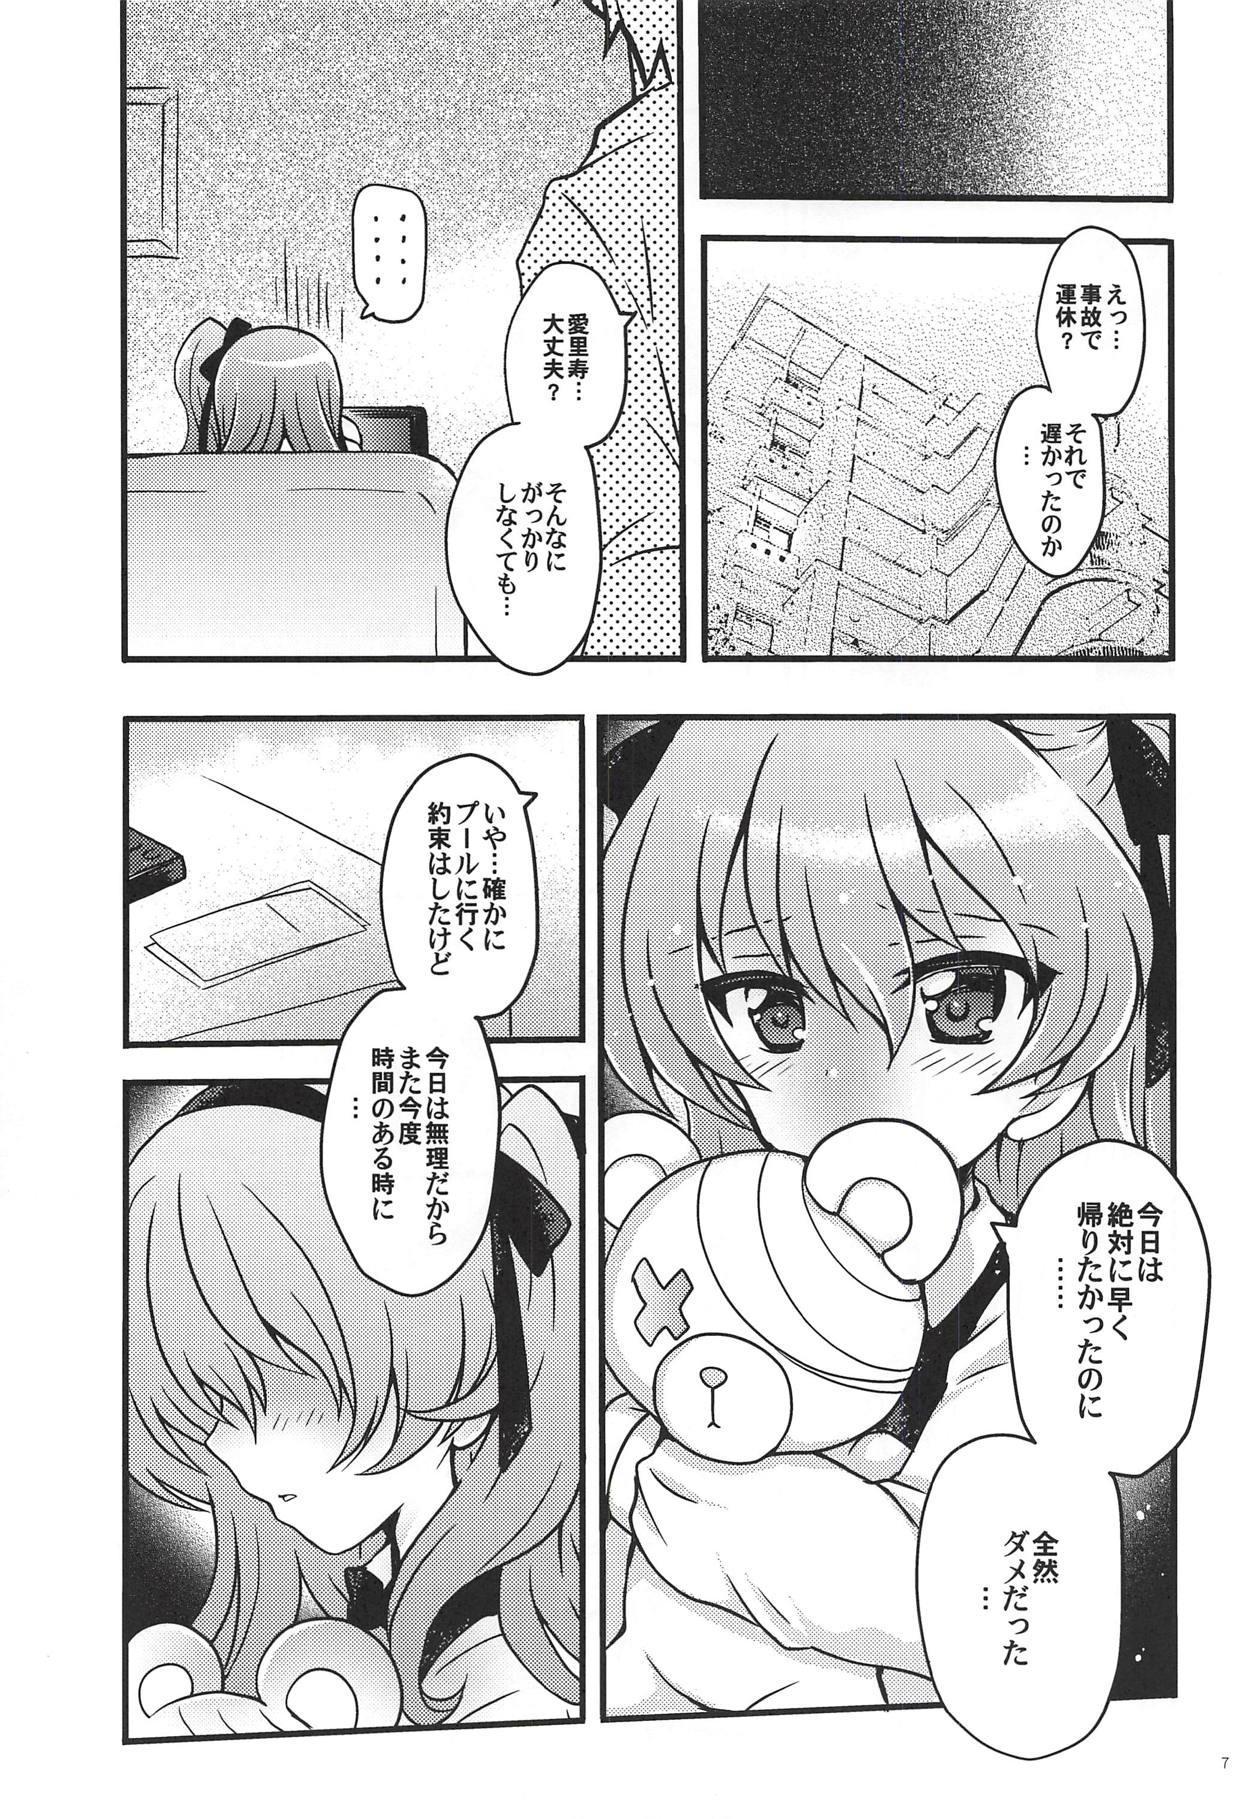 Shinkon Arisu-chan 3 5